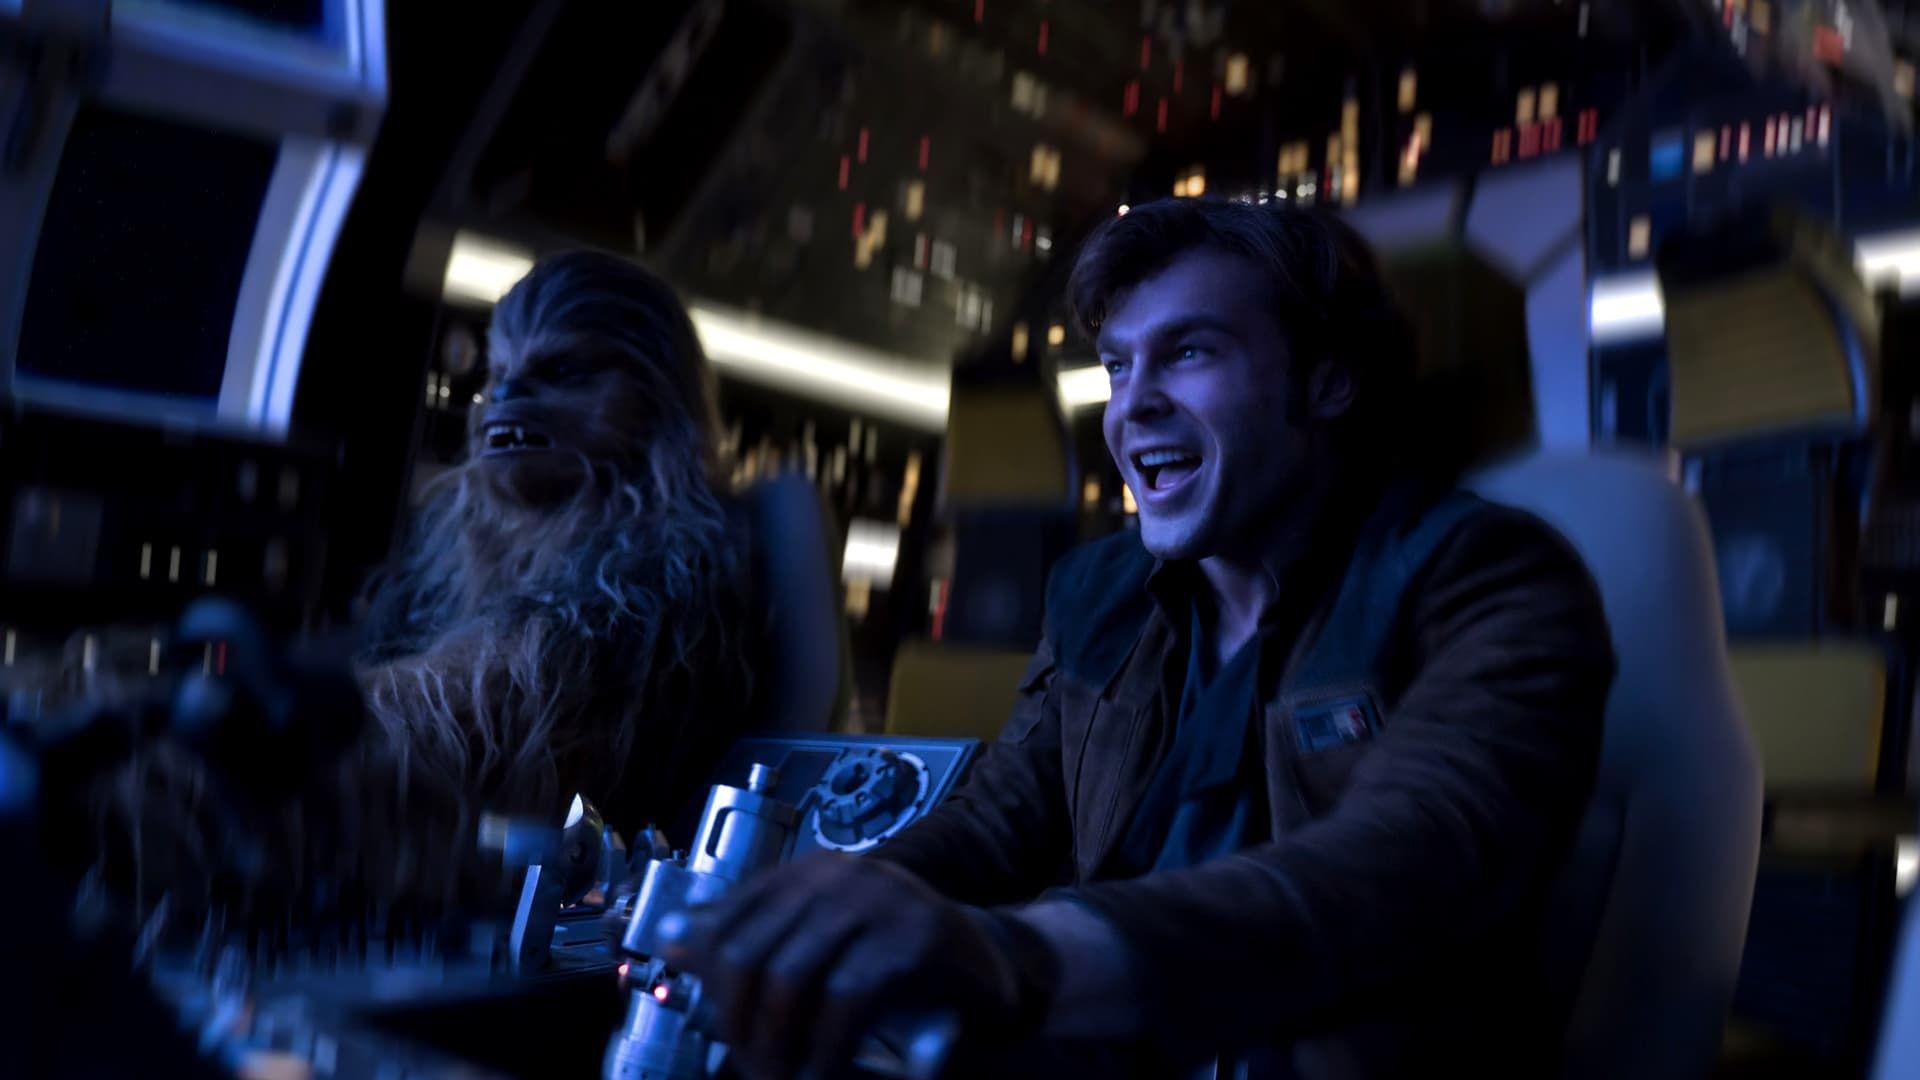 Solo A Star Wars Story 2018 Ganzer Film Stream Deutsch Komplett Online Solo A Star Wars Story 2018complete Film Deutsch Donald Glover Miles Teller Star Wars